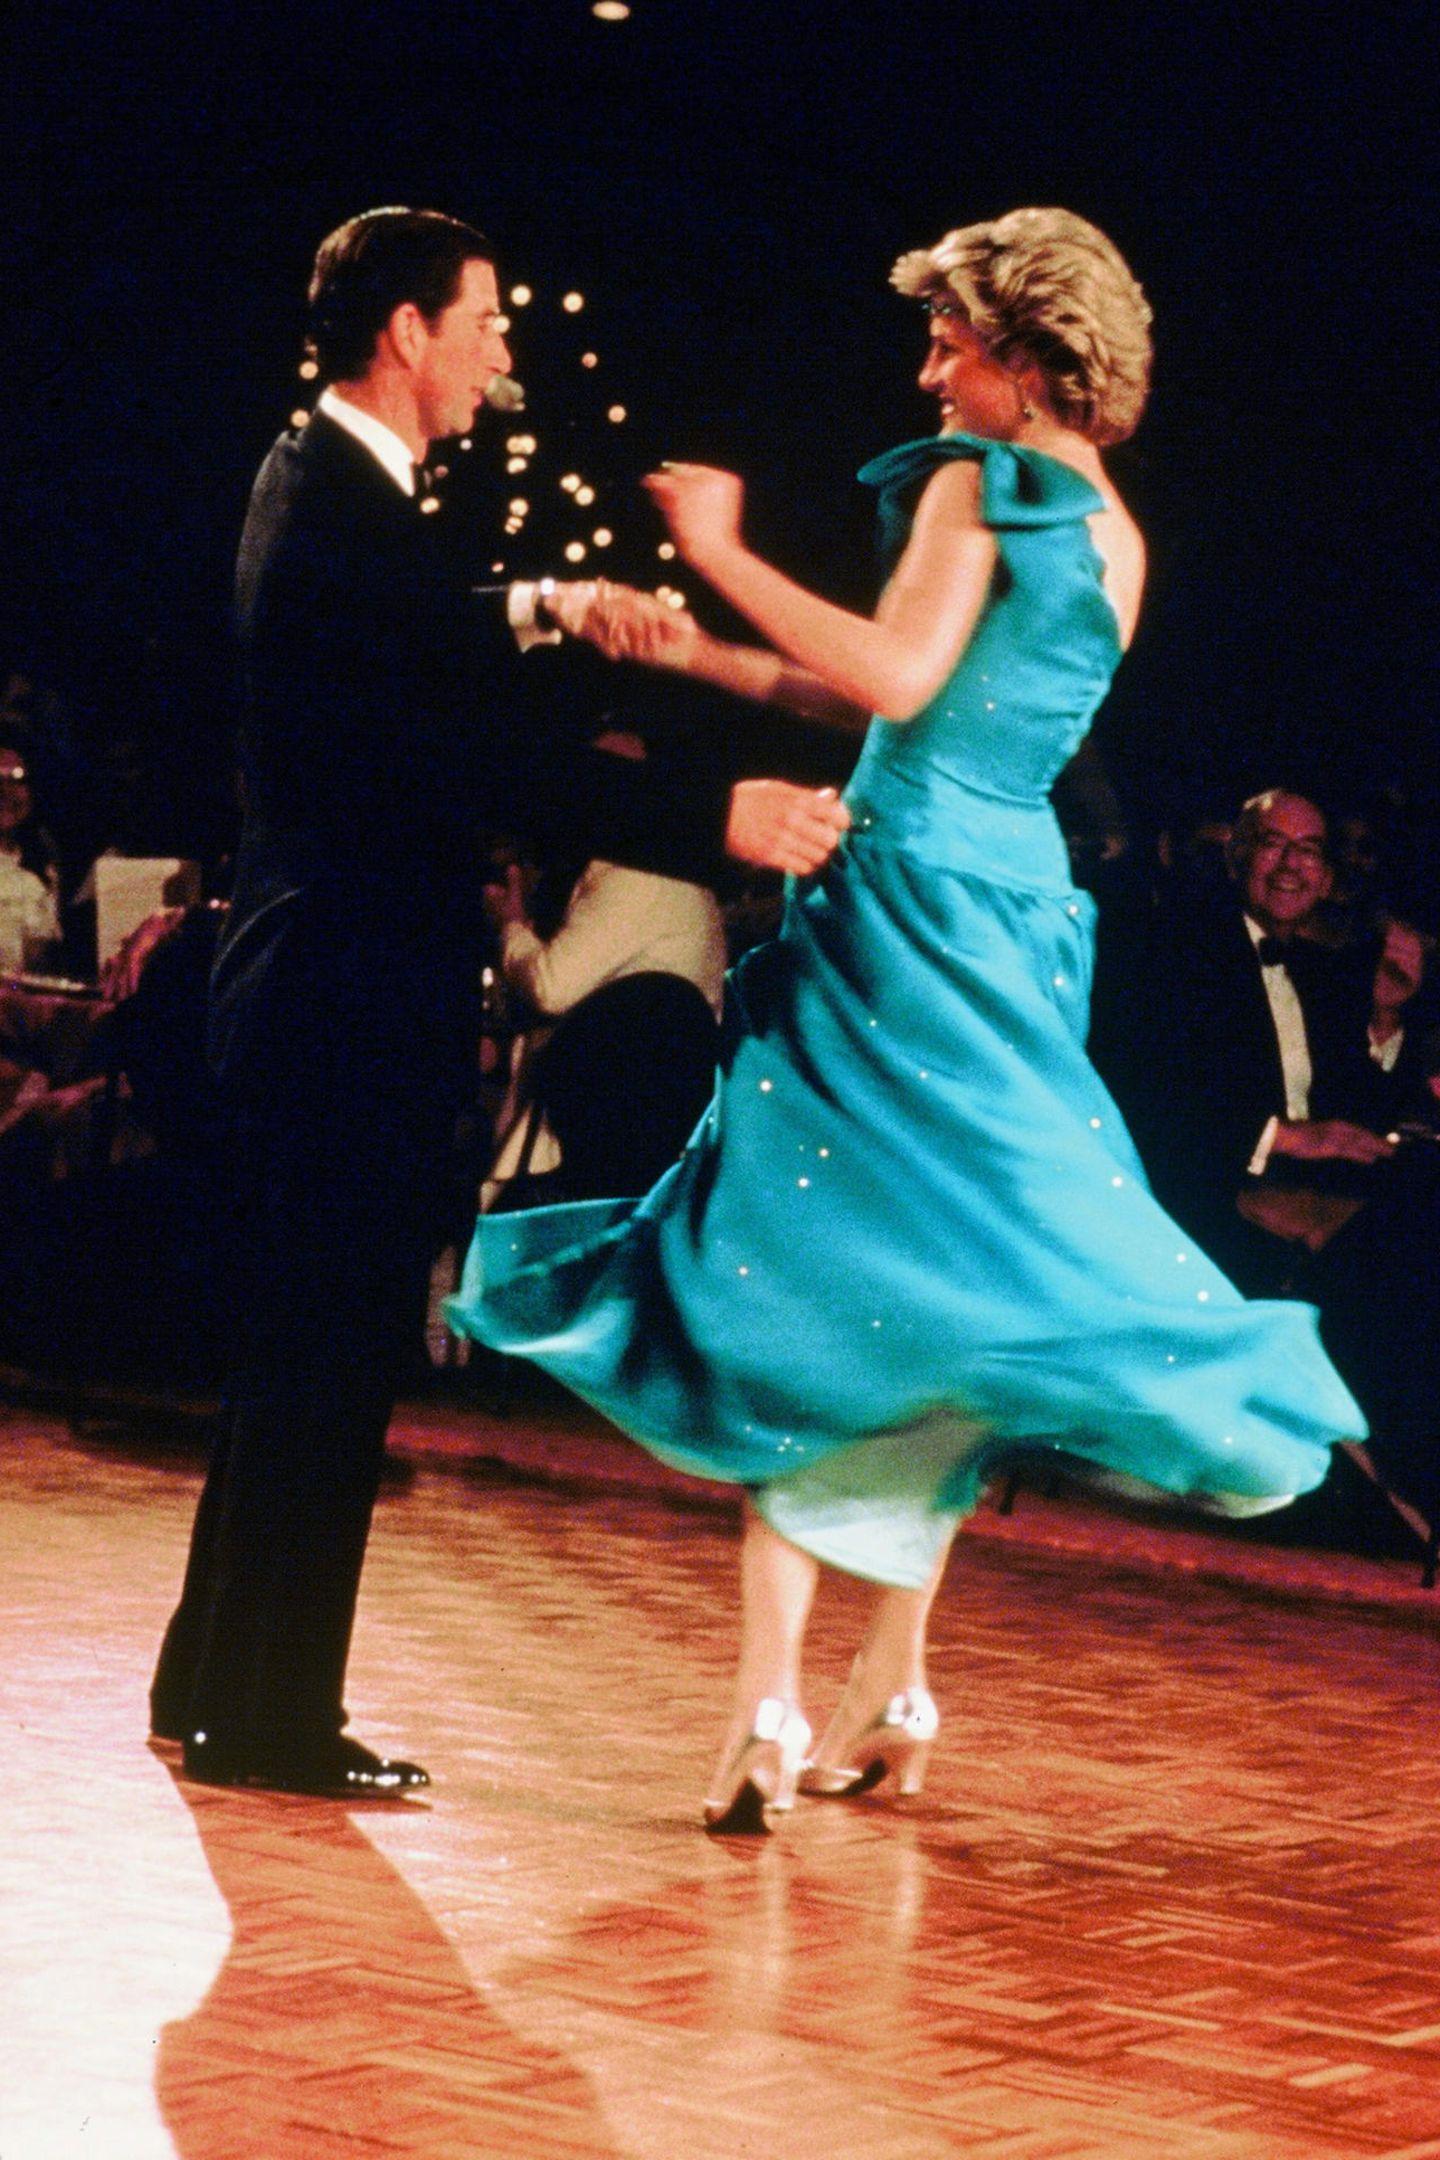 1983   So fröhlich und ausgelassen sieht man die beiden nur selten: Charles und Diana beim Tanzen in Sydney.